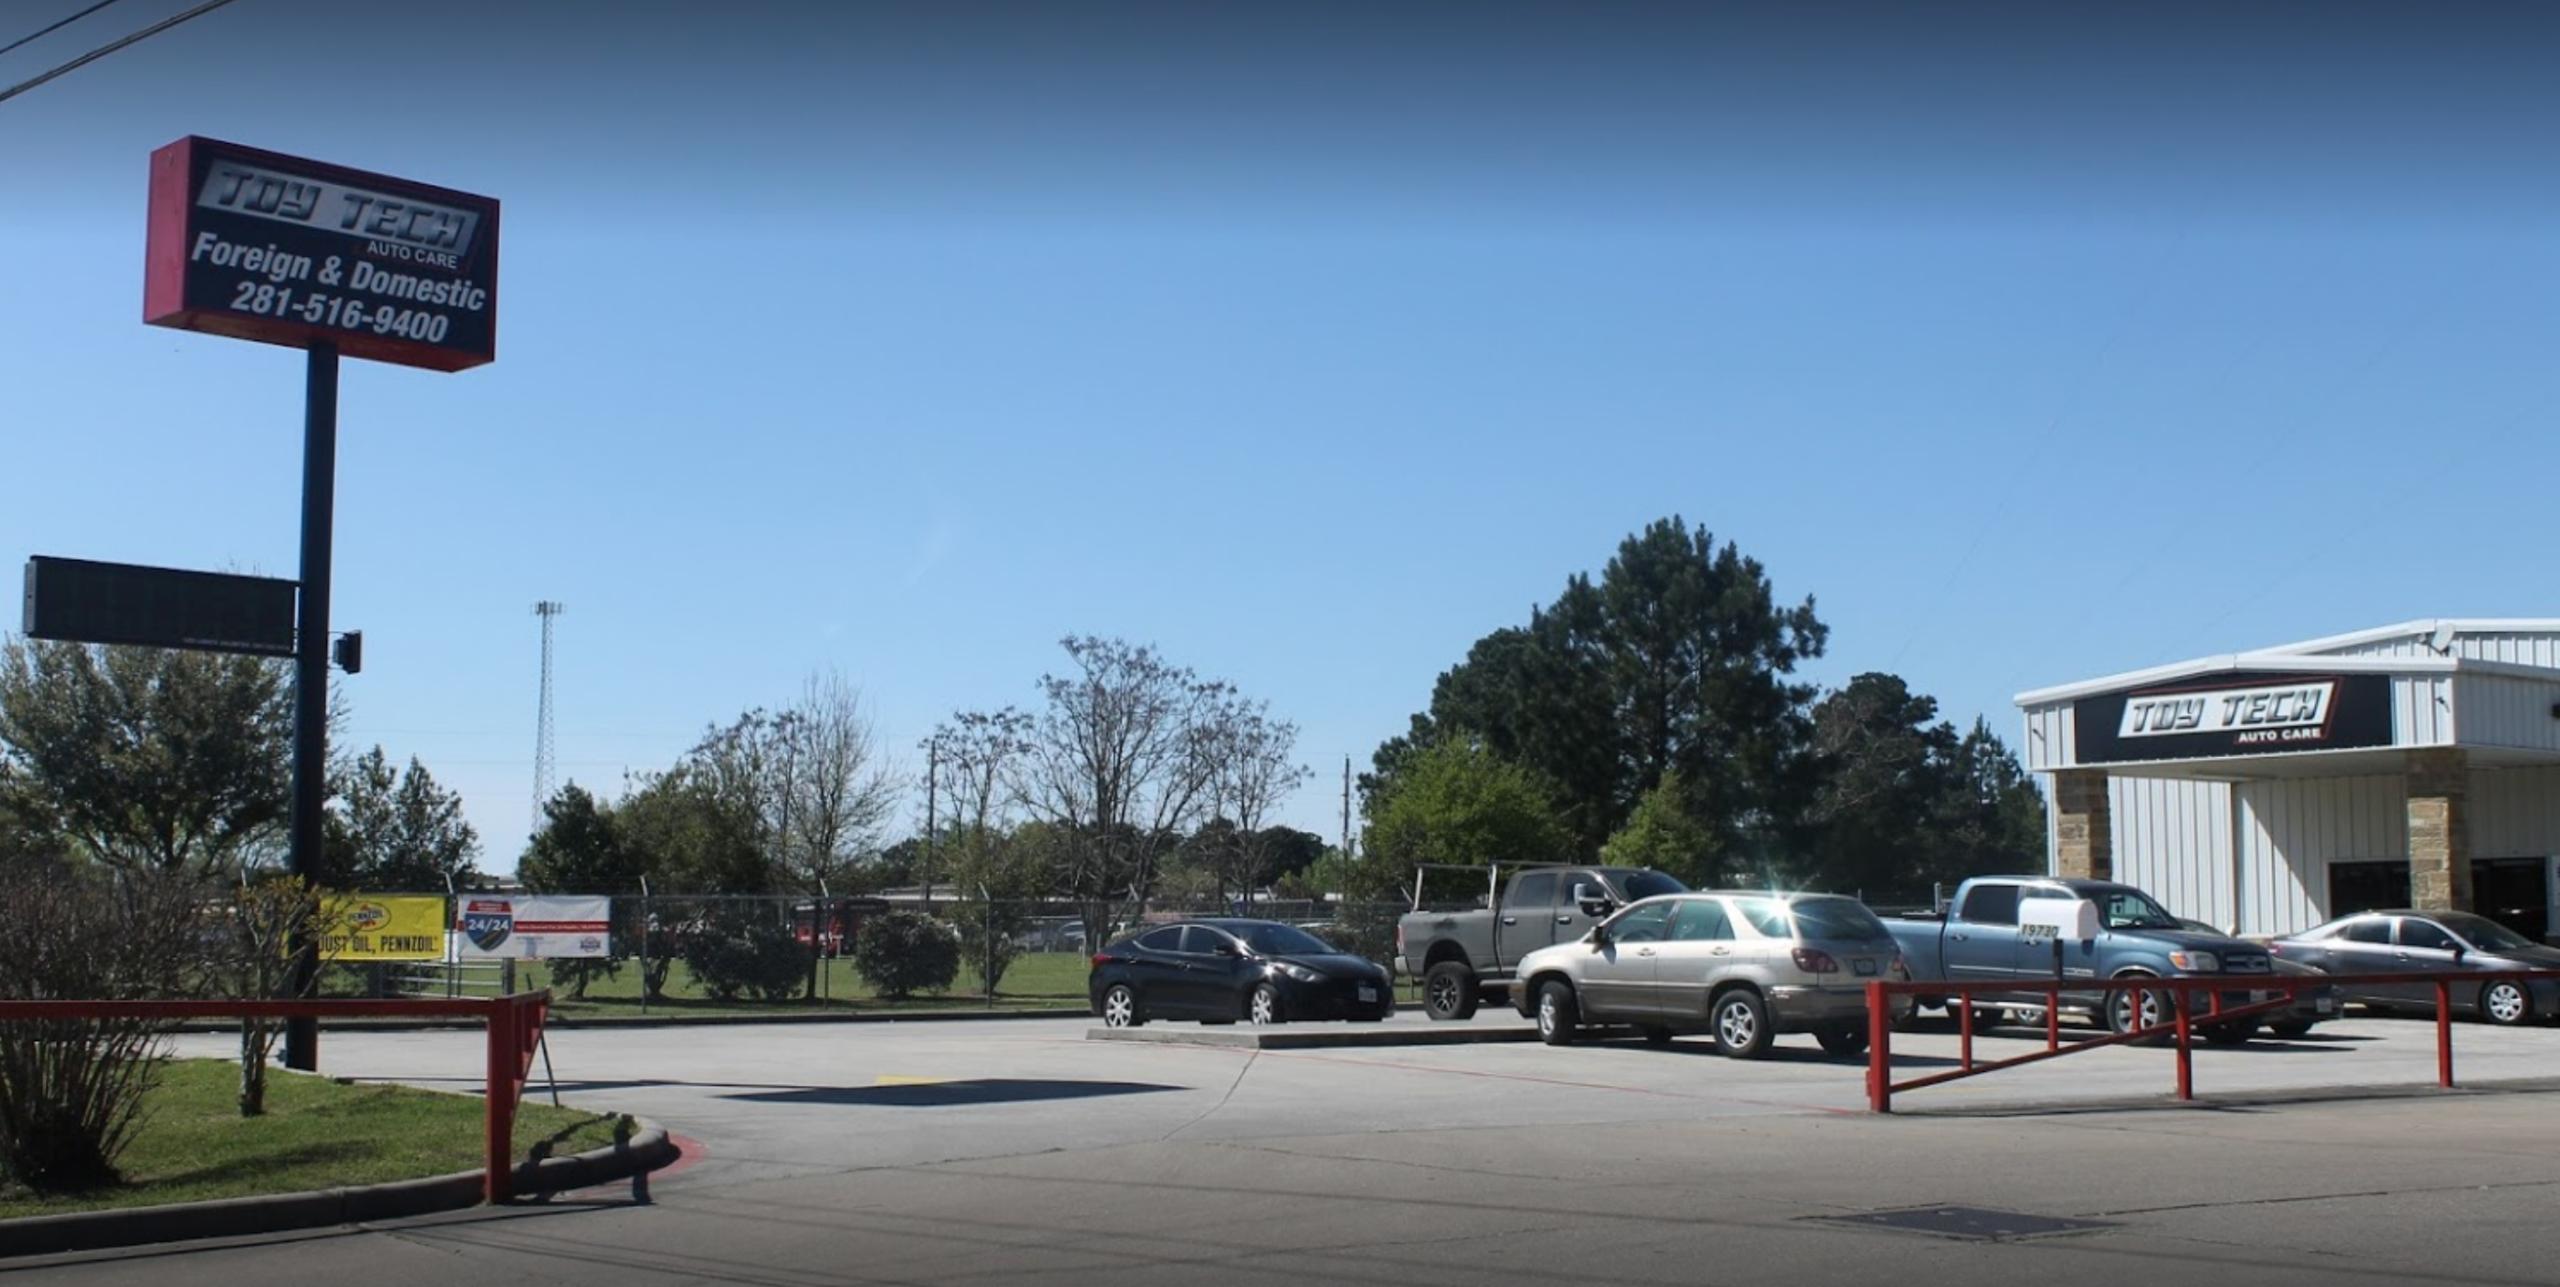 outside-toytech-autocare